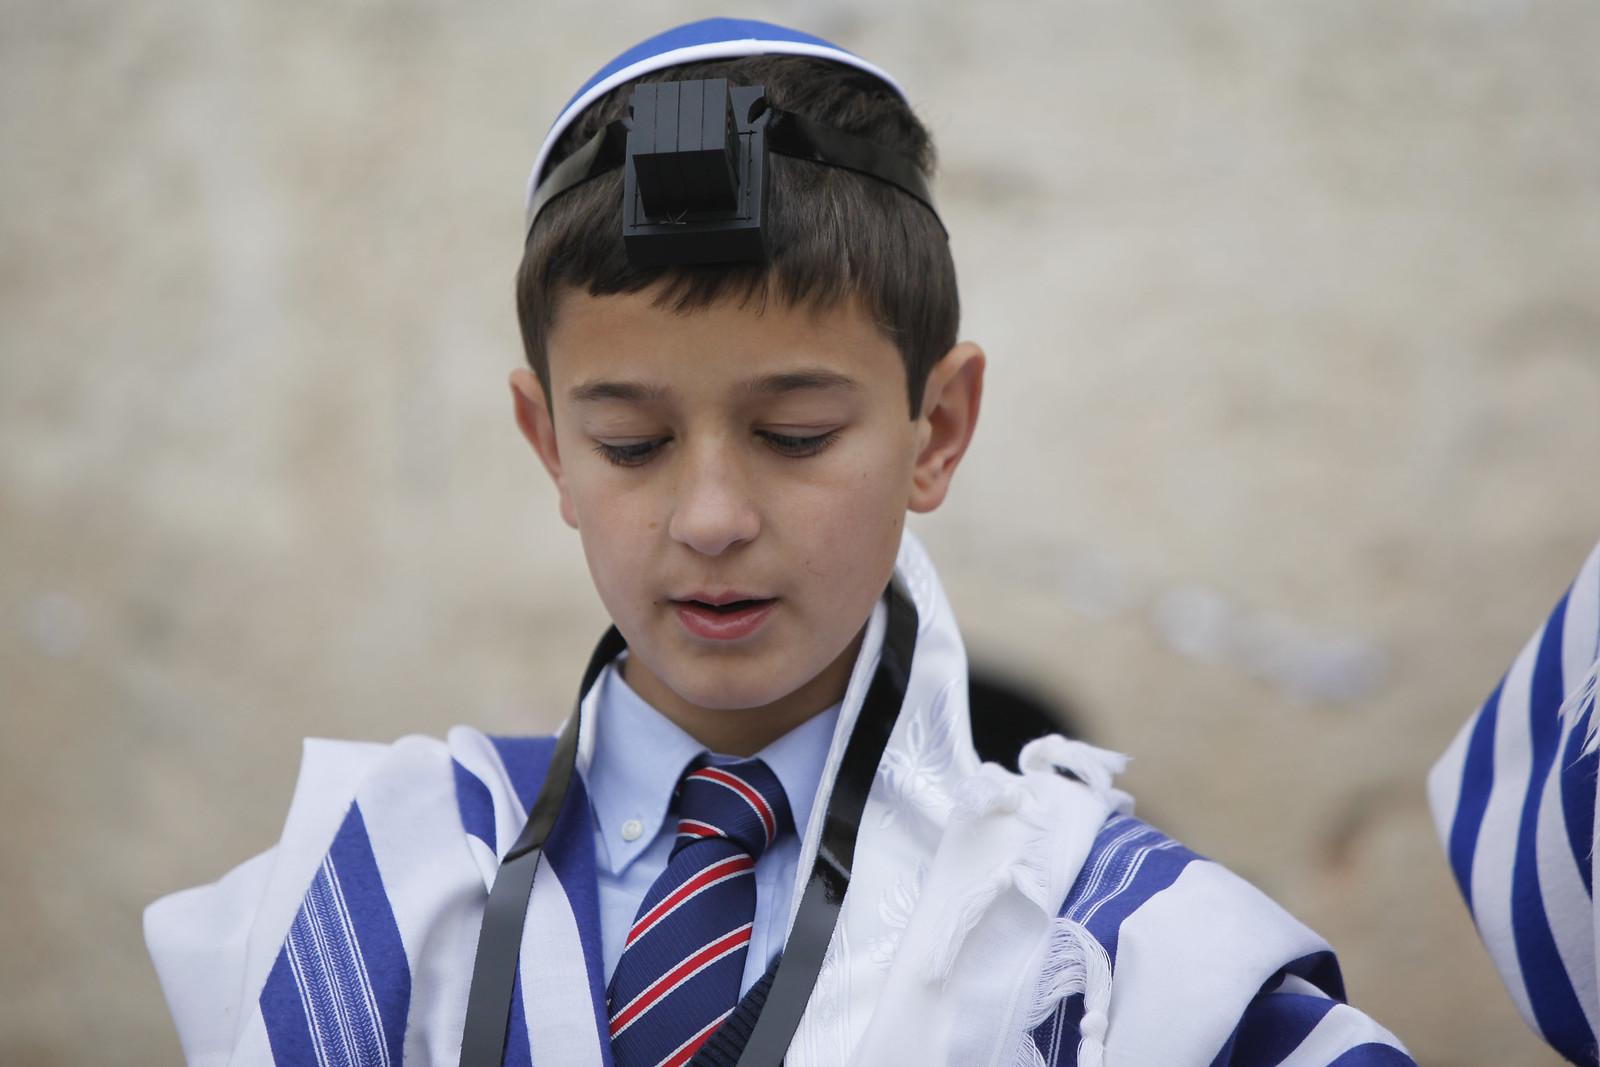 Bar Mitzvah 11_MG_9650_Yoantan Sindel_Flash 90_IMOT